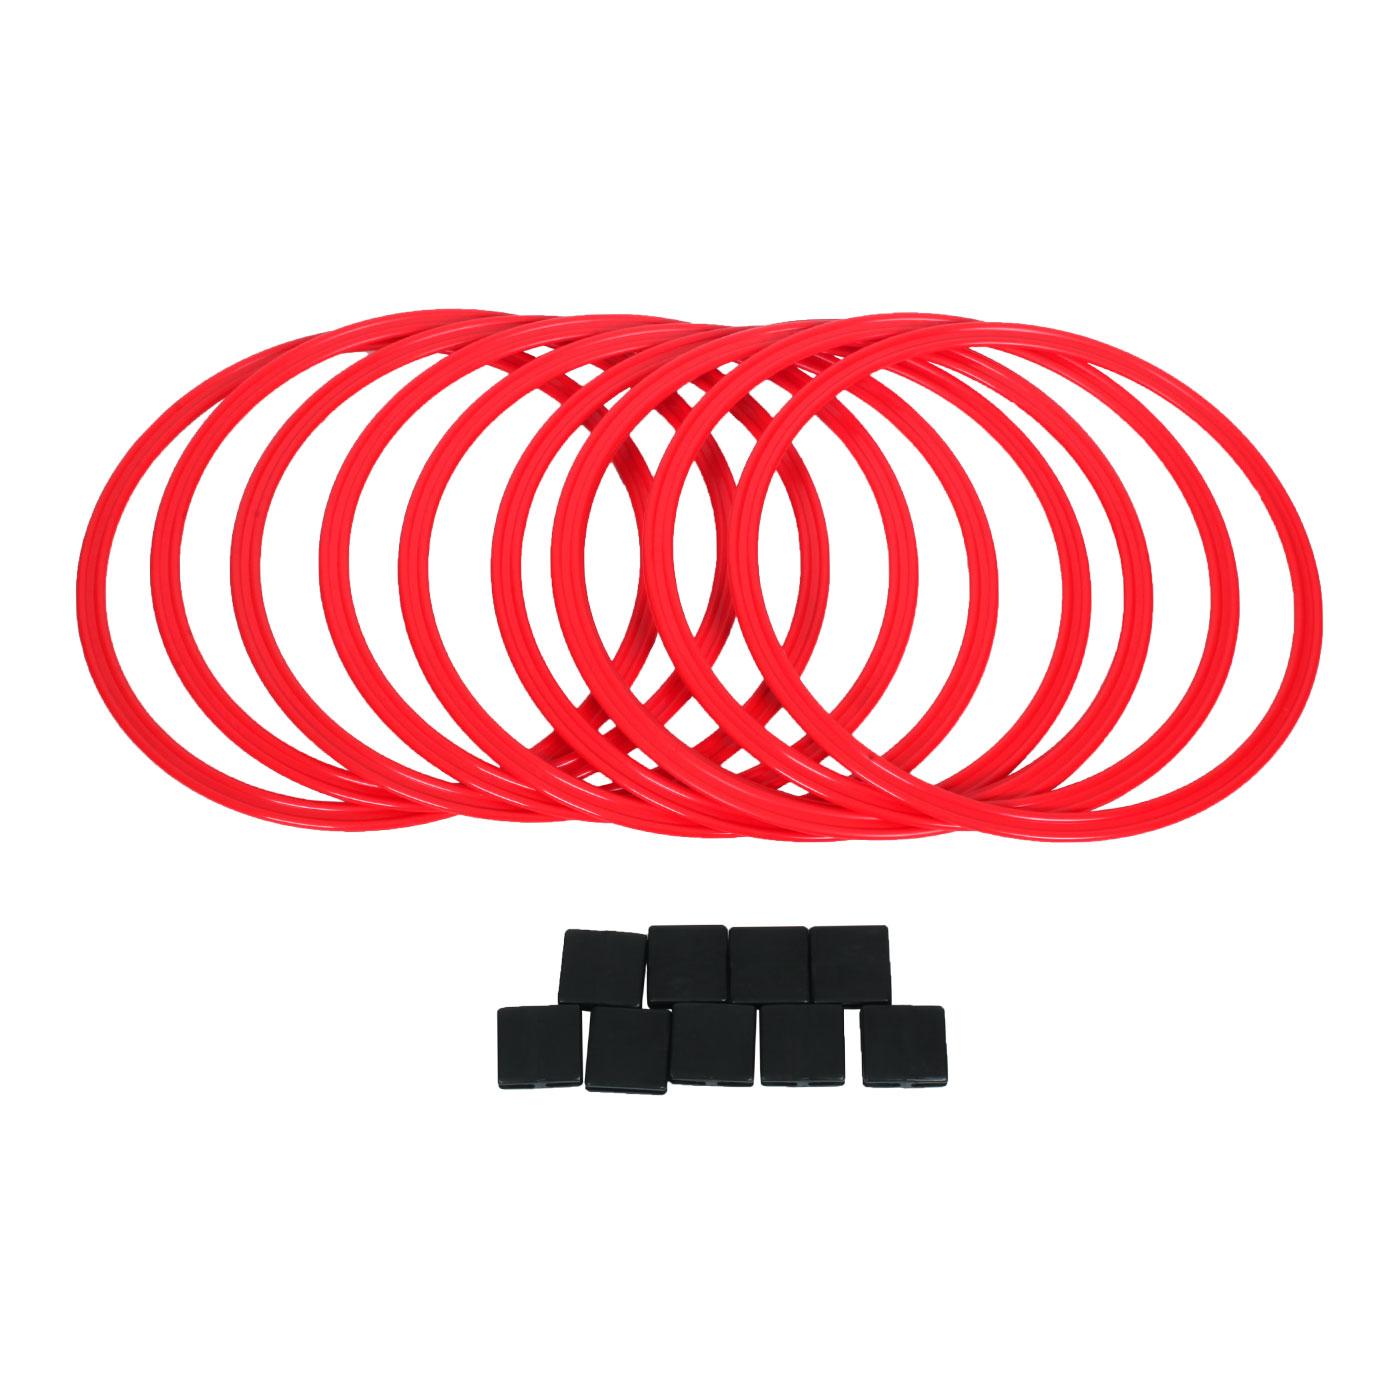 詠冠conti 步伐敏捷訓練圈 CONTIT8800 - 紅黑